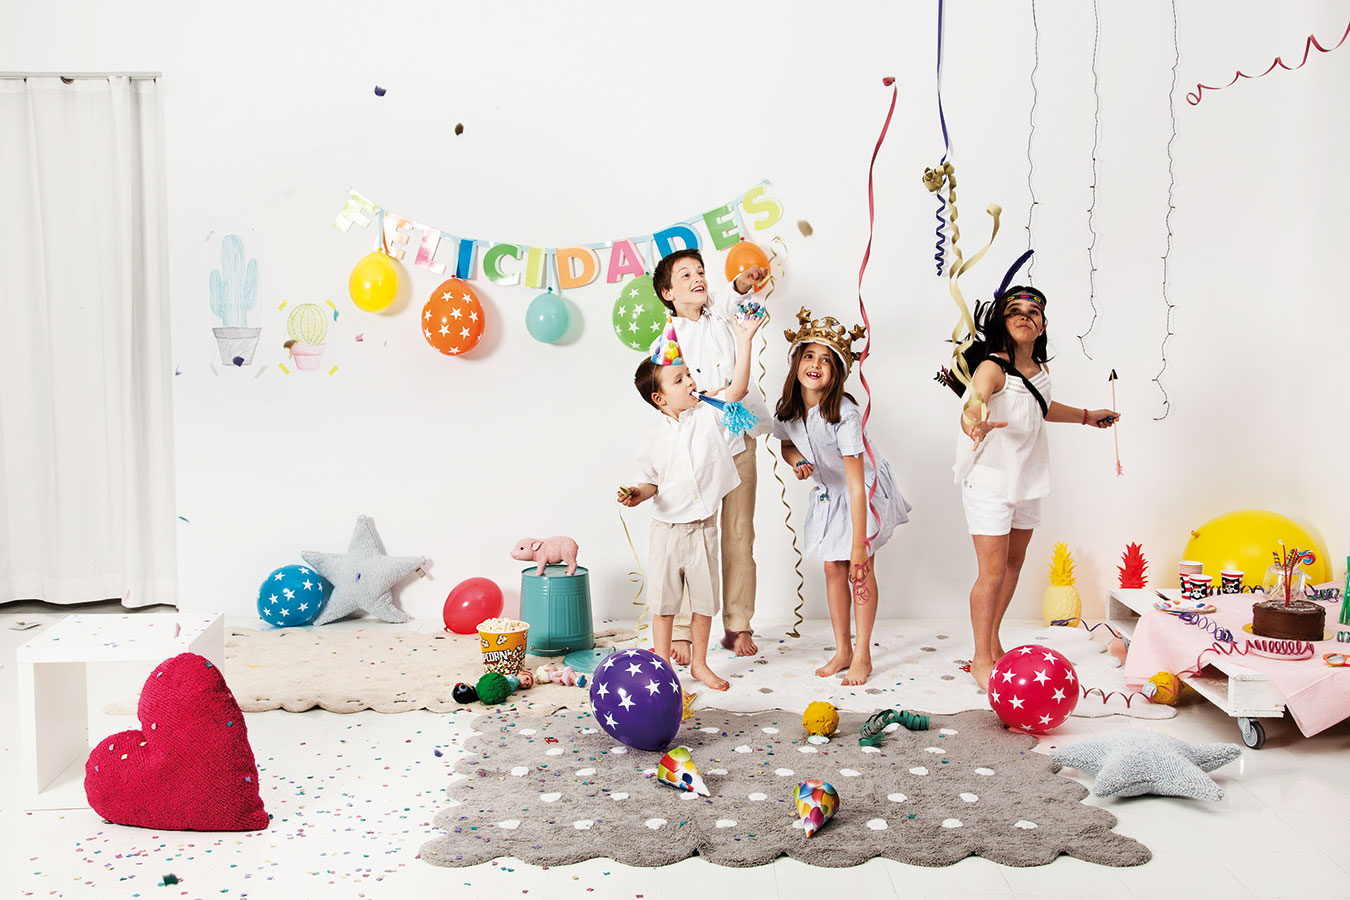 Praktické dětské koberečky španělské značky Lorena Canals, které lze prát vpračce, ocení nejen rodiče dětí salergií. Koberečky vcenách od 5 400 Kč prodává studio Viabel. FOTO LORENA CANALS